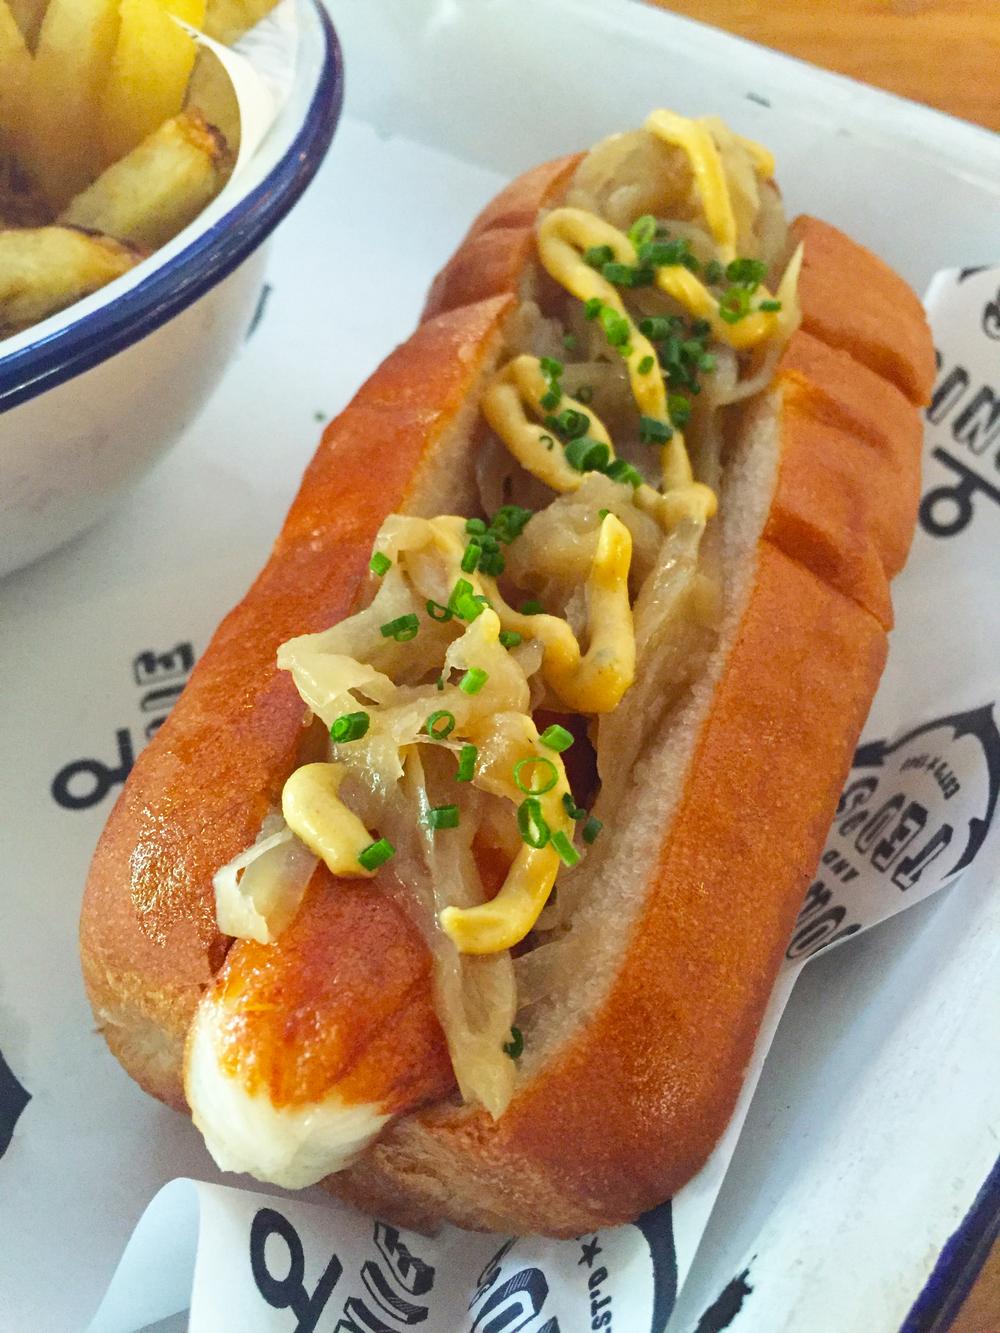 Hokkaido Dog with Hokkaido scallop sausage, onions, and smoked mustard